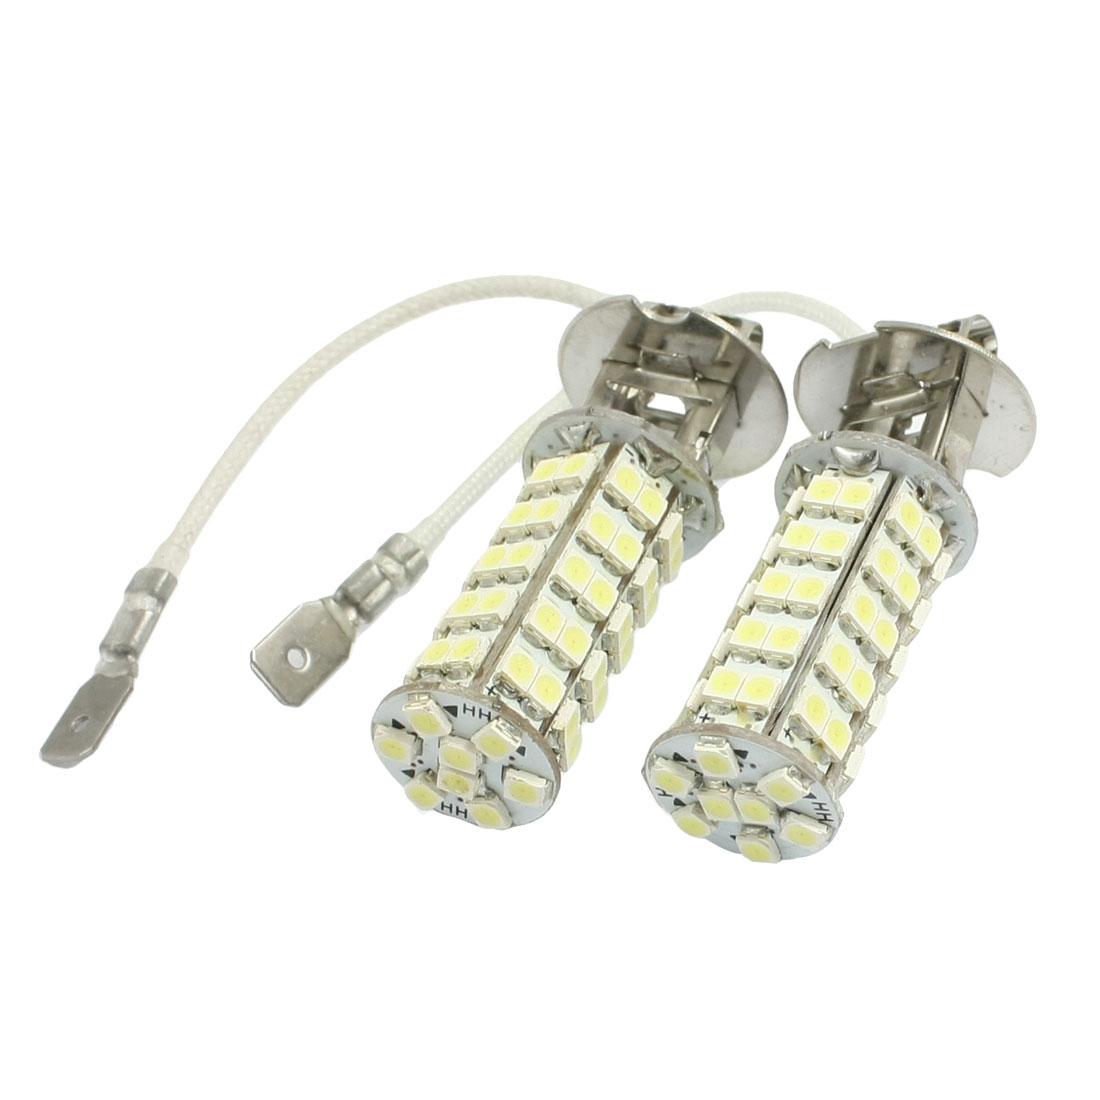 2 Pcs White H3 3528 1210 SMD 68 LED Car Foglight Light Bulb Lamp